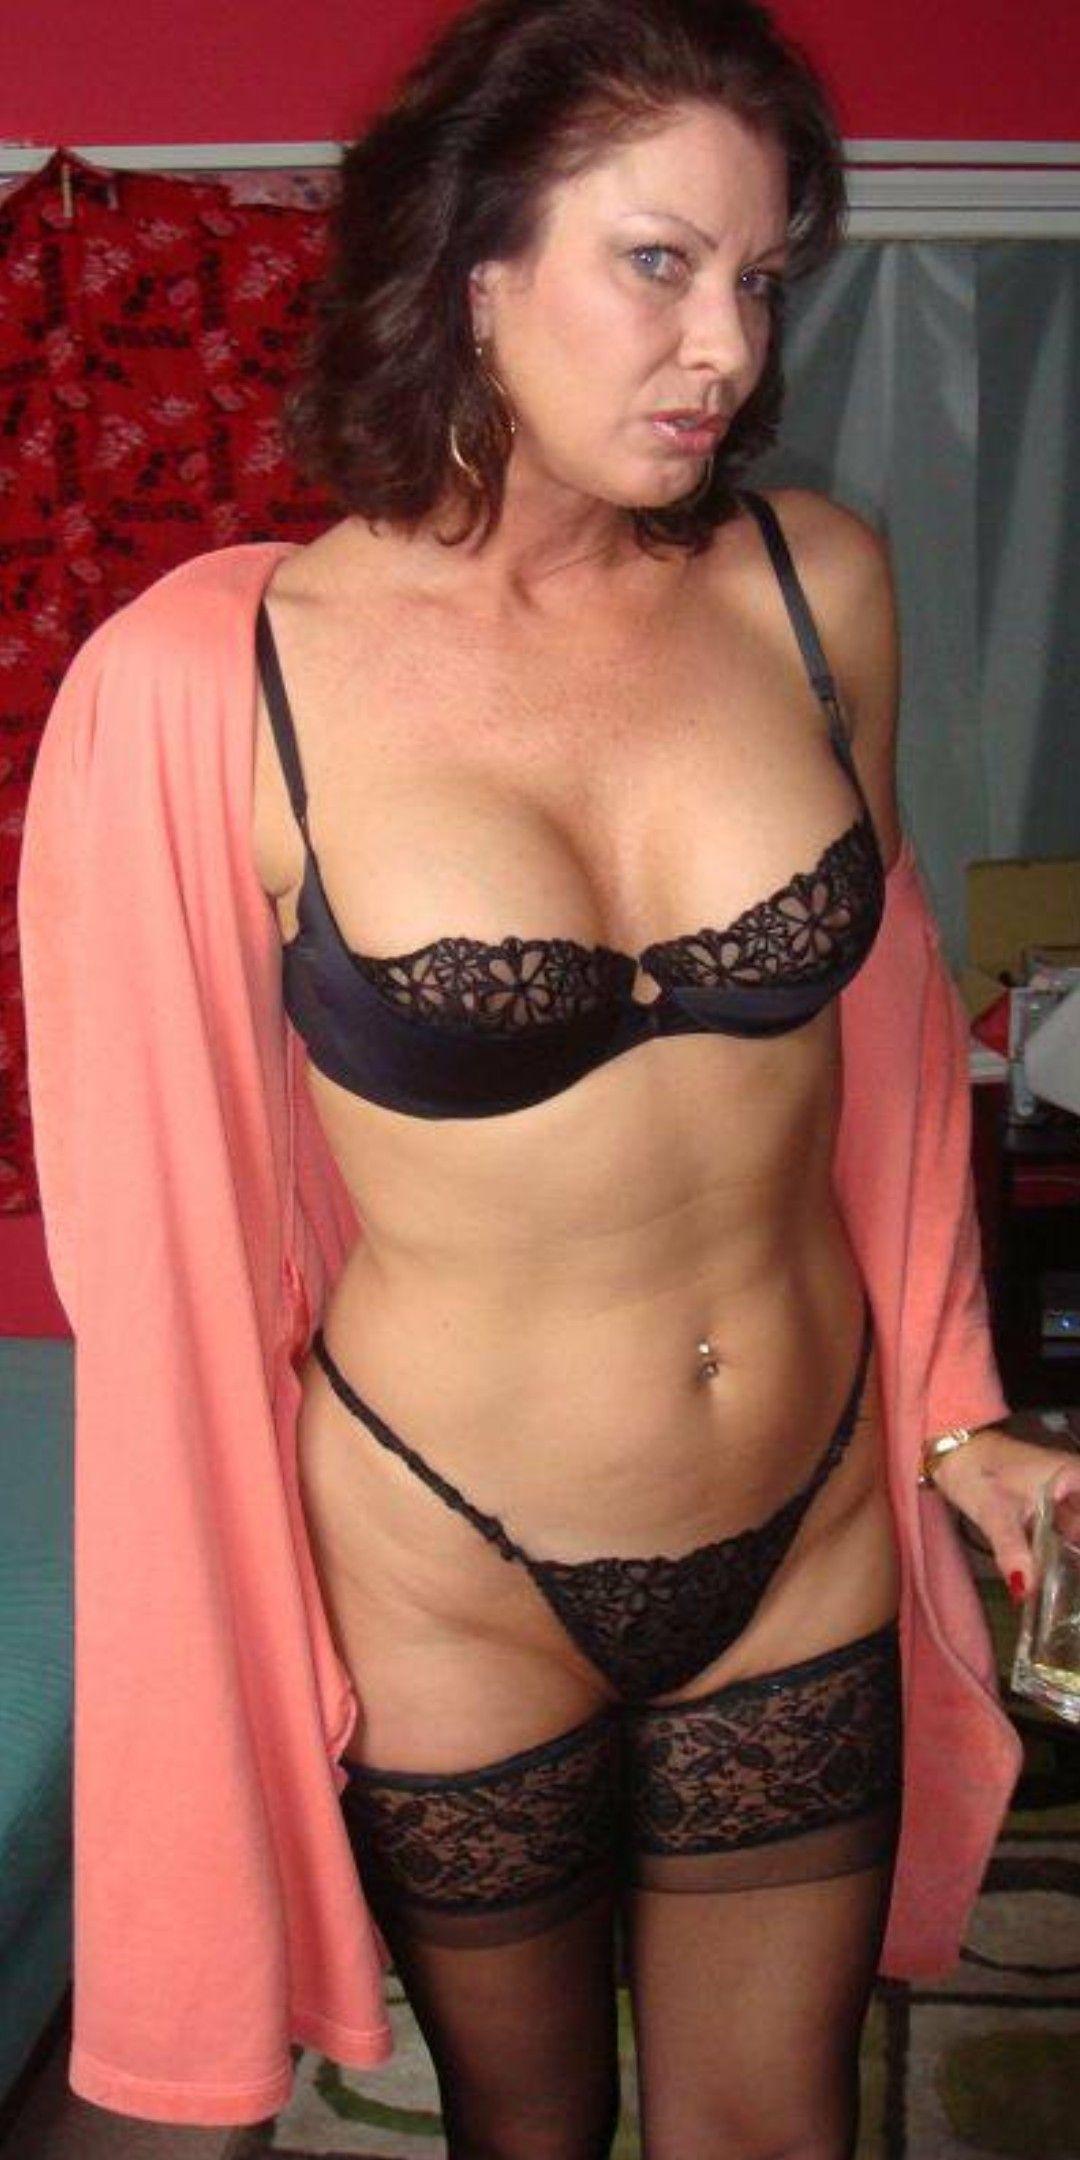 f962fe638 Pin de jader serafim em SEXY MATURE WOMEN   SEXYS MULHERES MADURAS ...